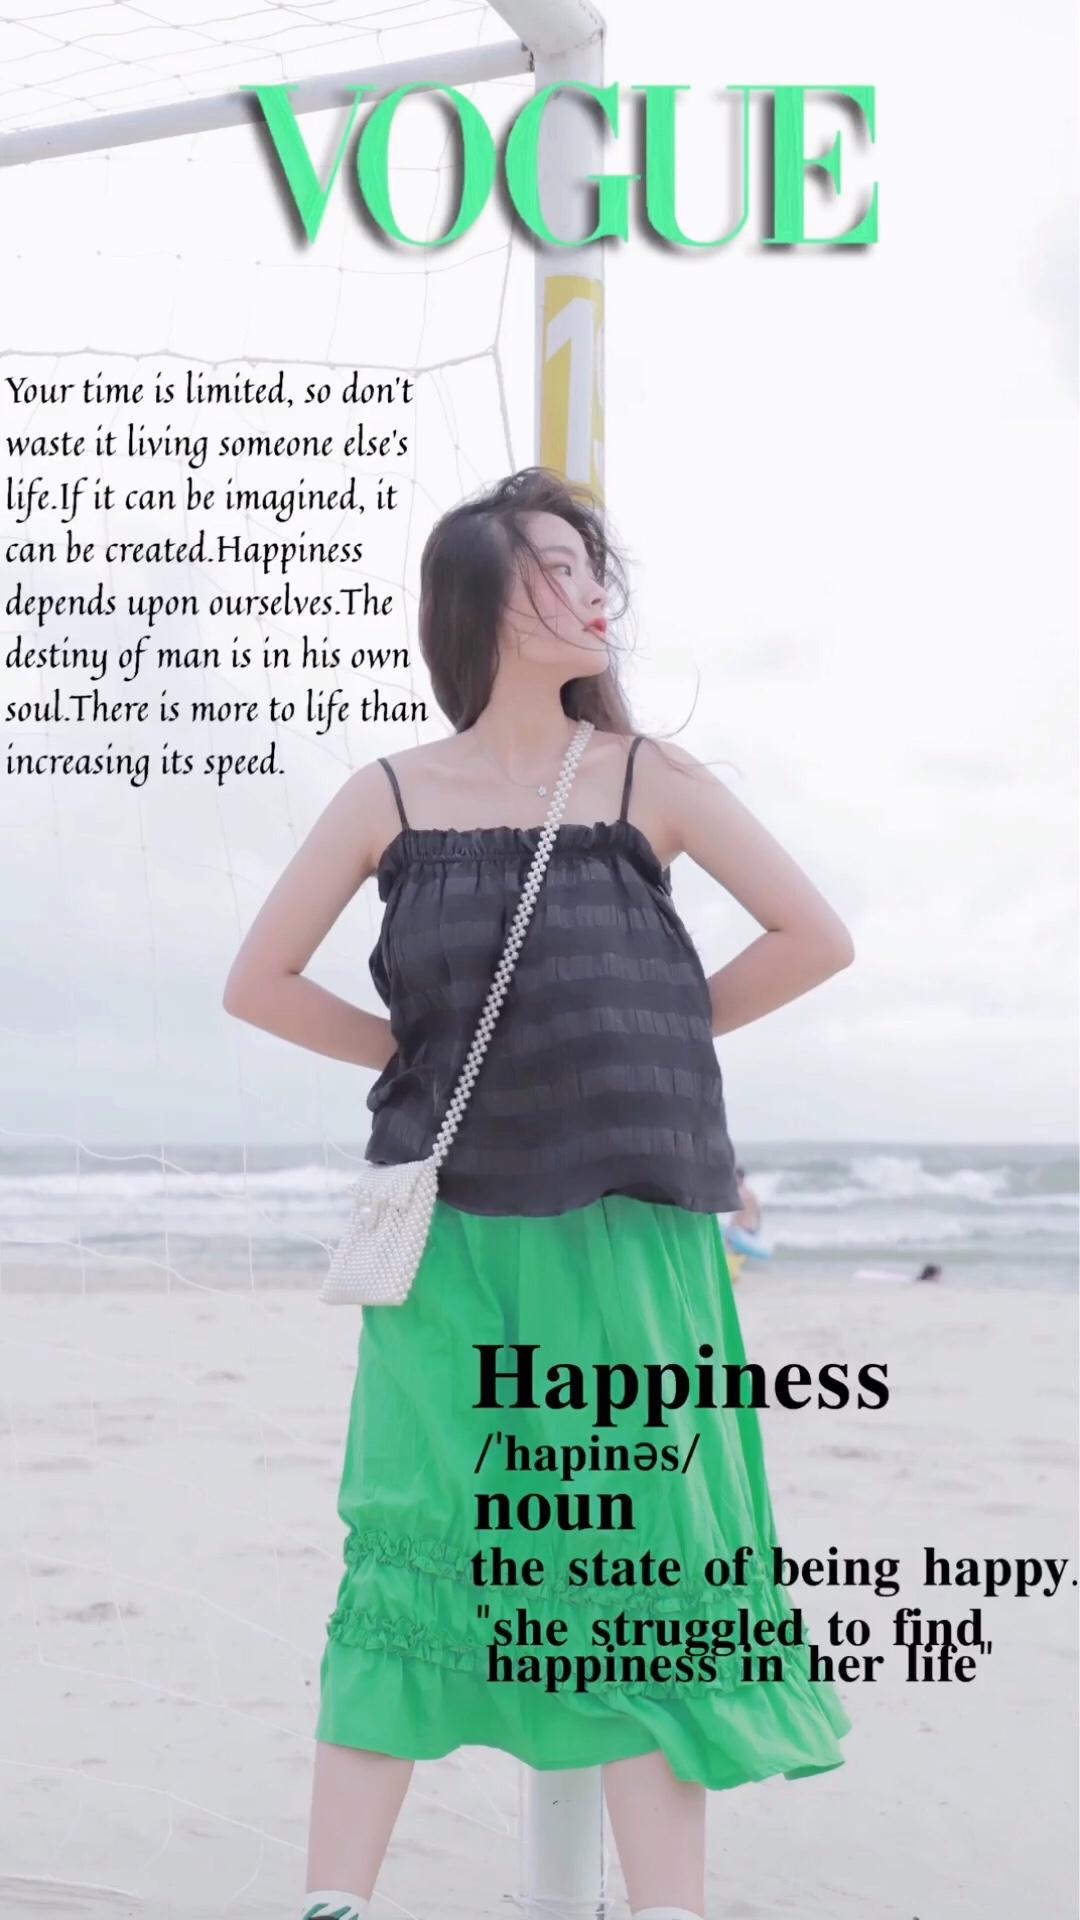 黑色吊带小背心搭配海草绿半身裙 斜挎珍珠包包 整套复古时髦#日常时髦经:舒服最重要!#